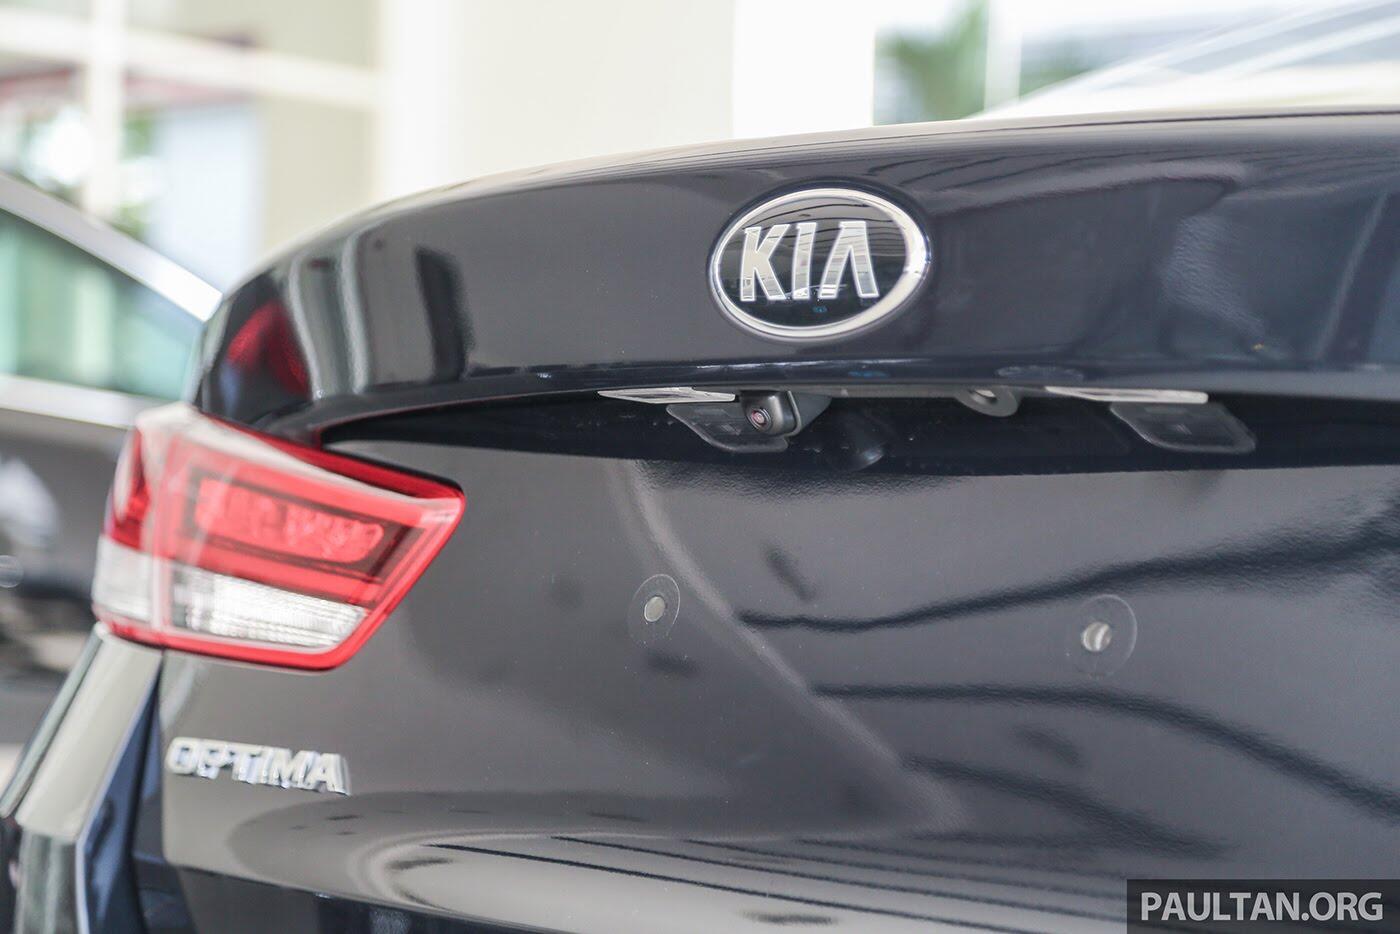 Xem thêm ảnh Kia Optima GT 2017 - Hình 13